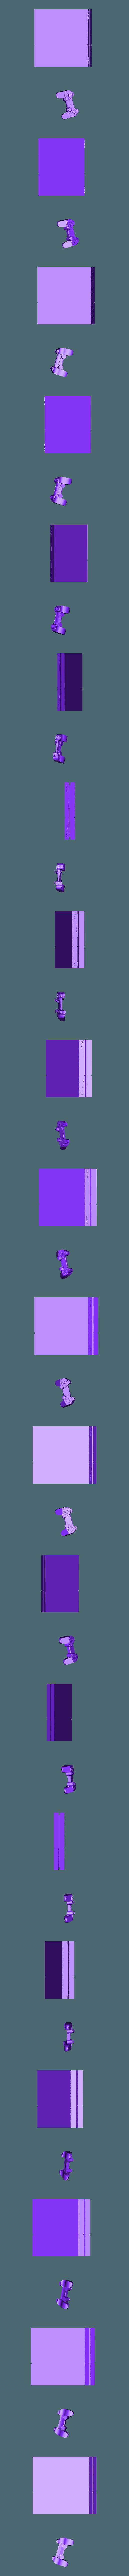 ps4.stl Download free STL file Telephone +ps4 • 3D printer design, RCGANG93